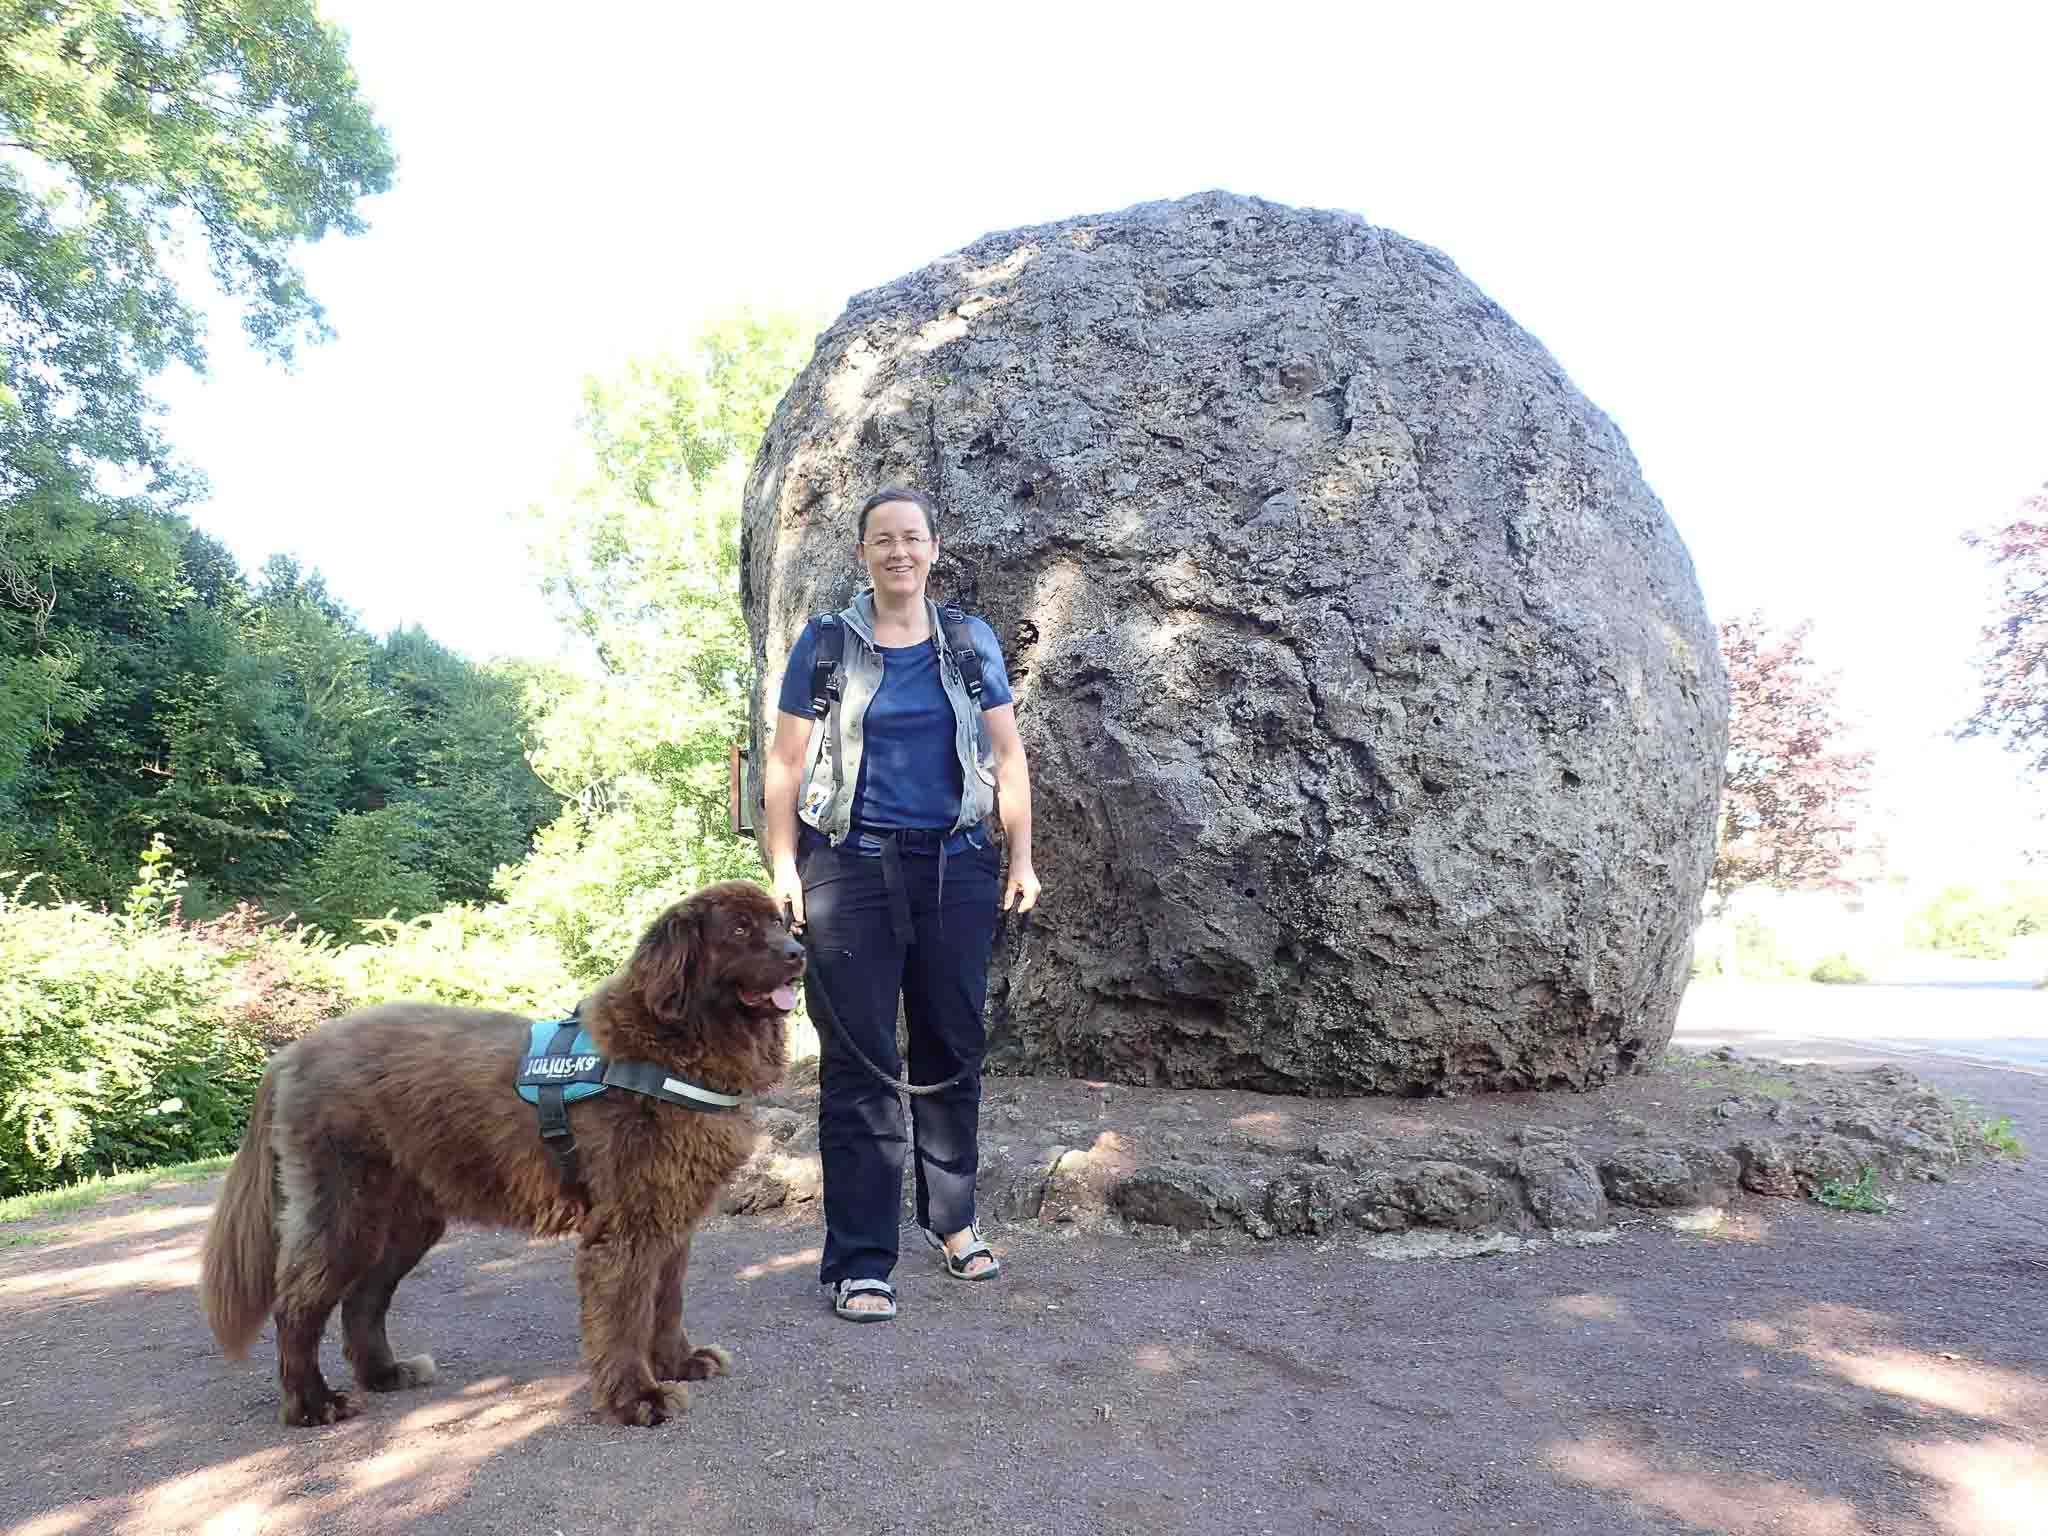 Ein eingeschworenes Wander-Team - Ingrid und Bathida